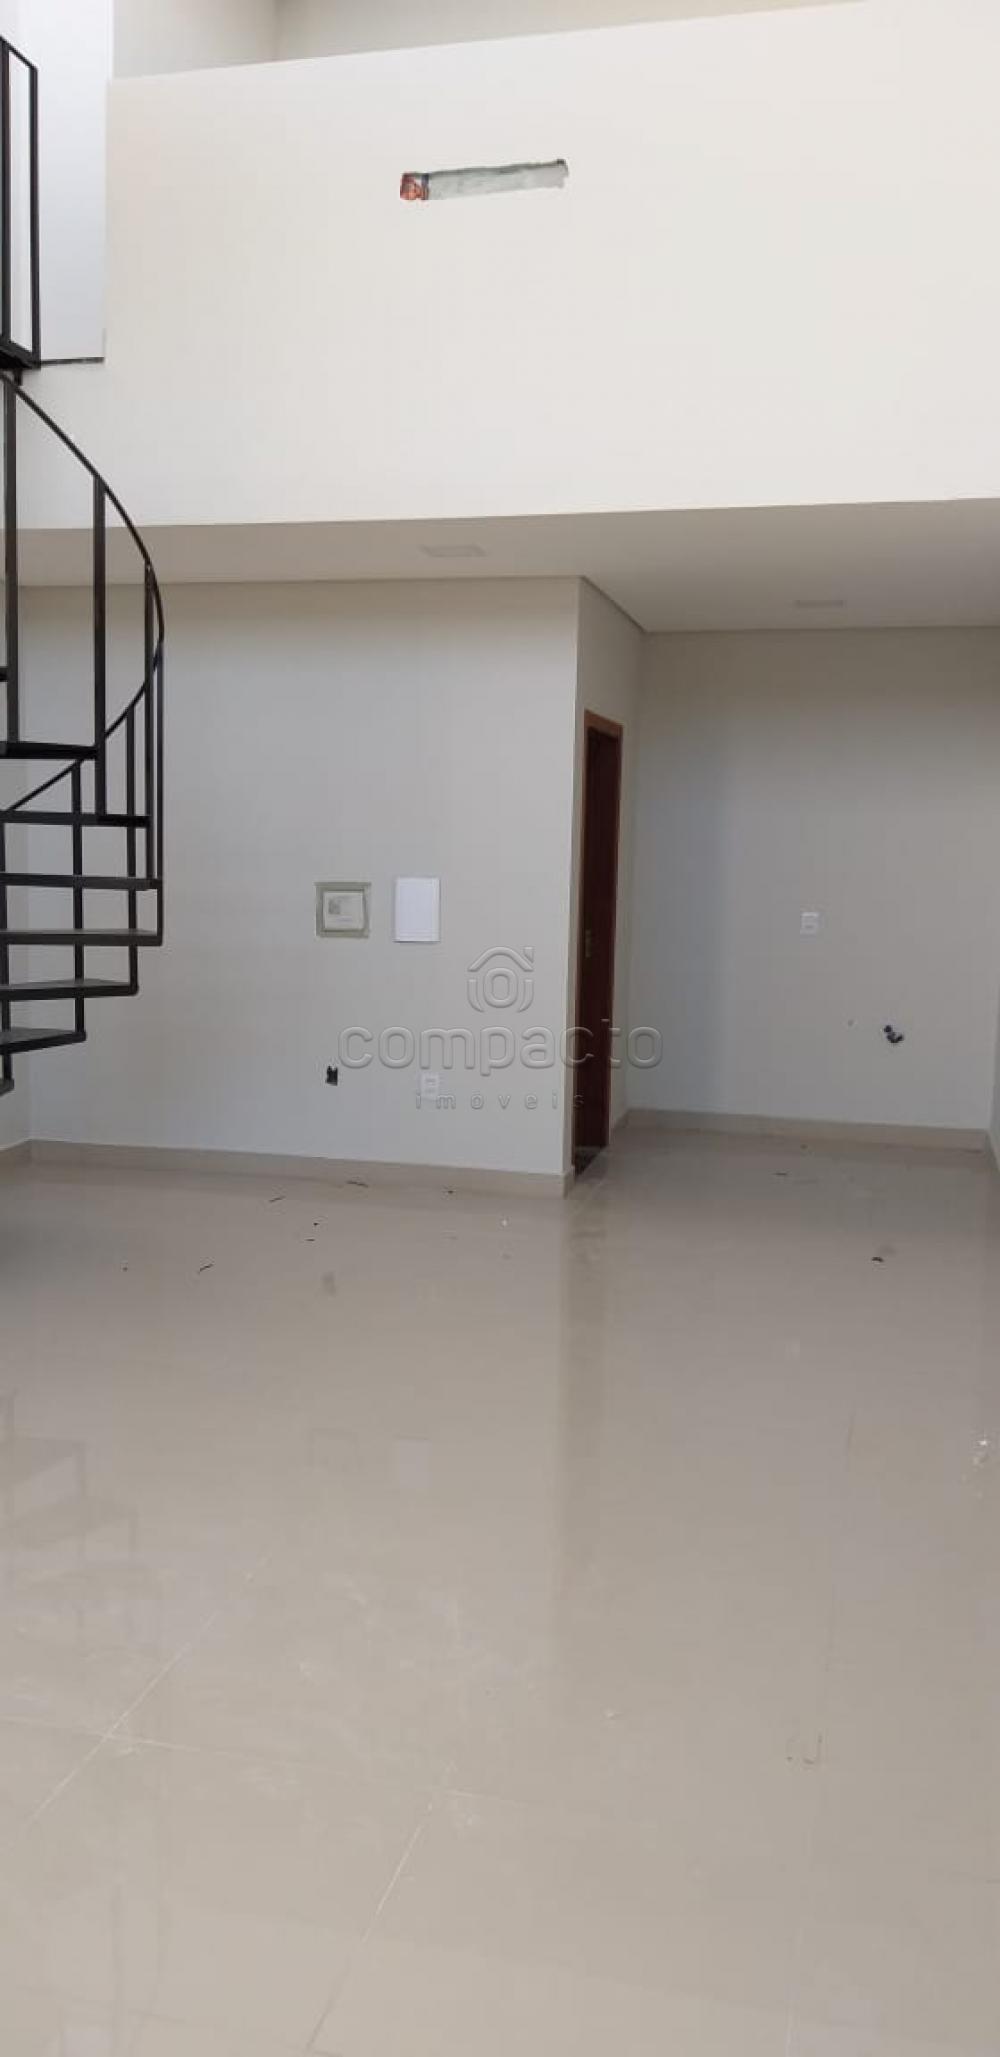 Alugar Comercial / Loja/Sala em São José do Rio Preto apenas R$ 1.050,00 - Foto 6